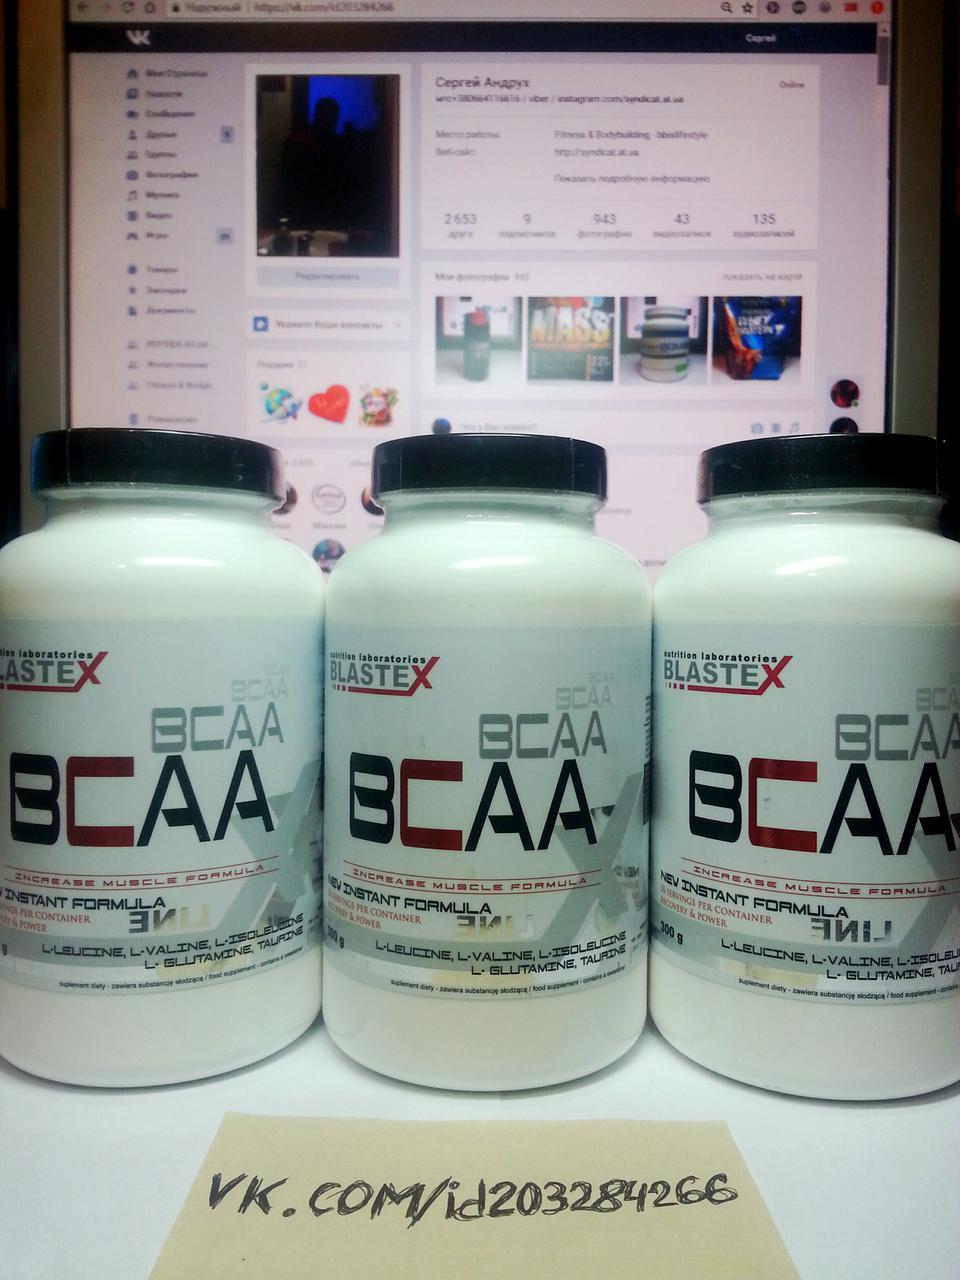 Аминокислоты BCAA Blastex Xline BCAA 300г Бластекс бцаа